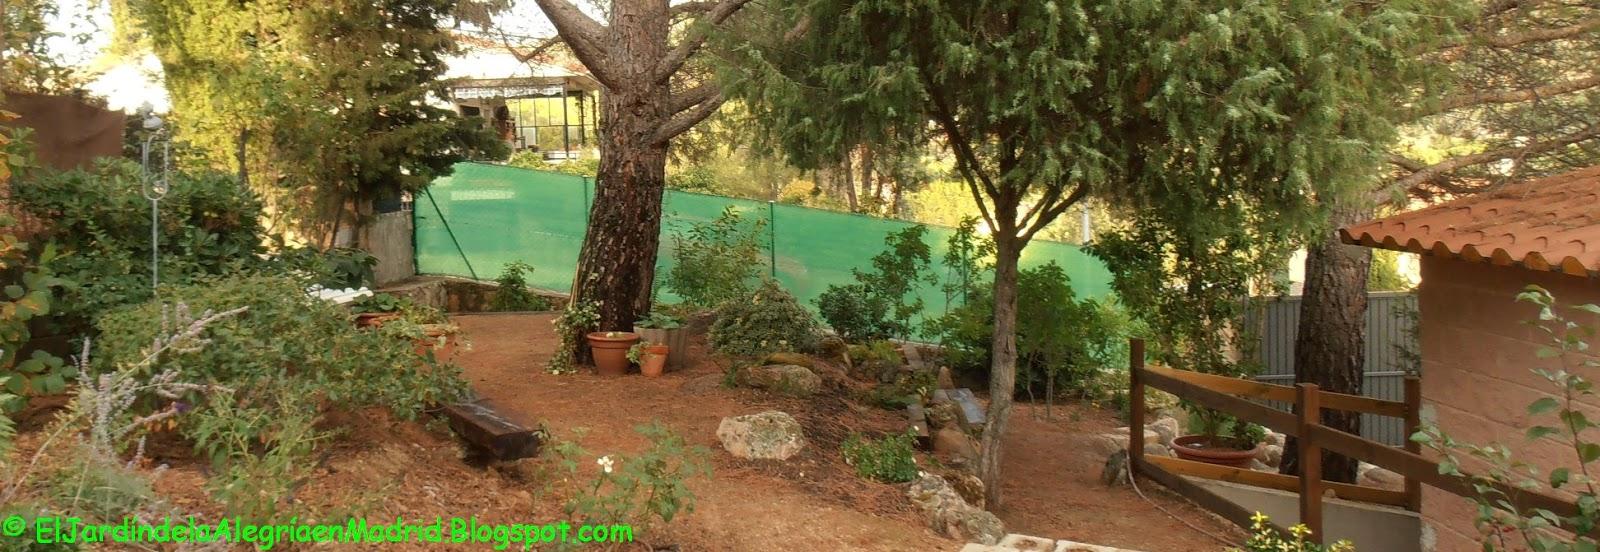 El jard n de la alegr a c mo instalar una valla met lica en el jard n y poner malla de ocultaci n - Valla metalica jardin ...